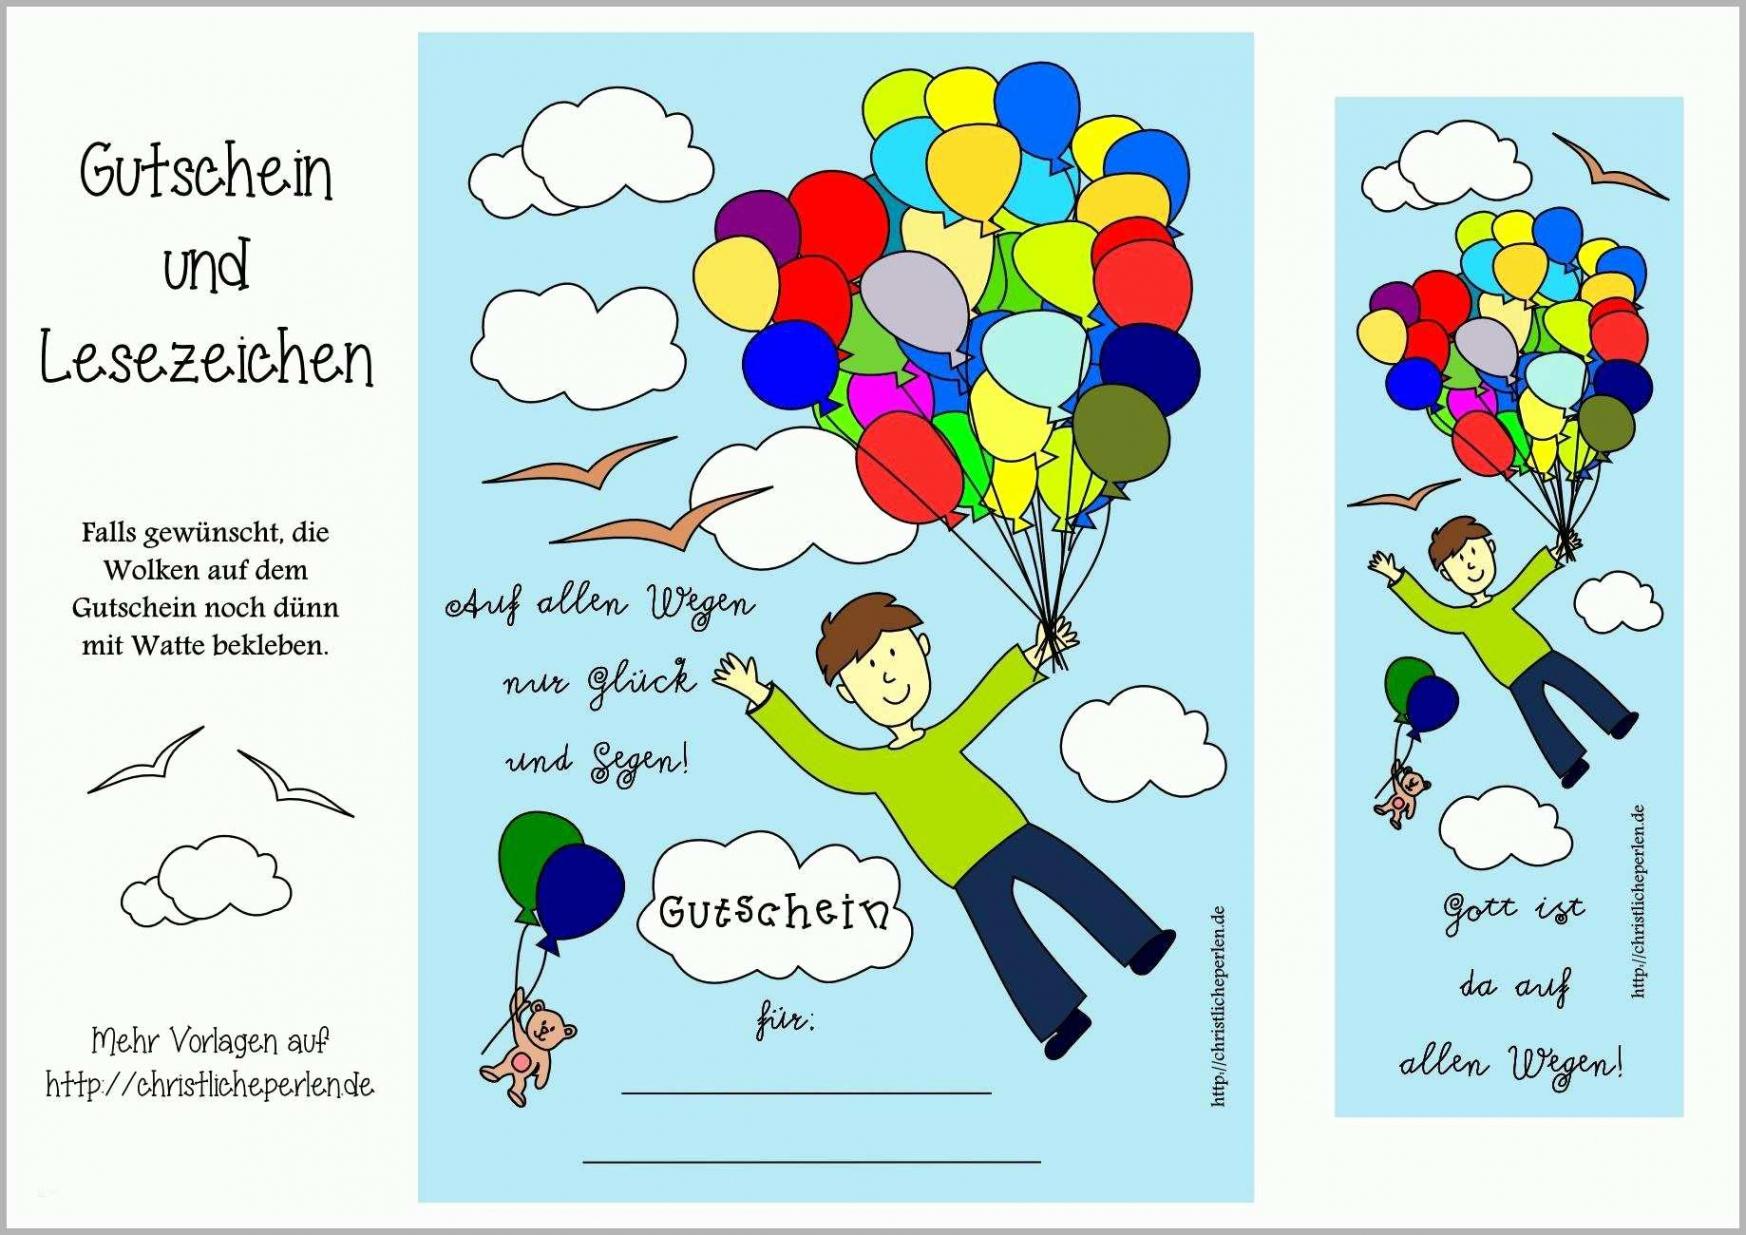 Beste Gutschein Vorlage Geburtstag Ausdrucken Kostenlos PDF Frei